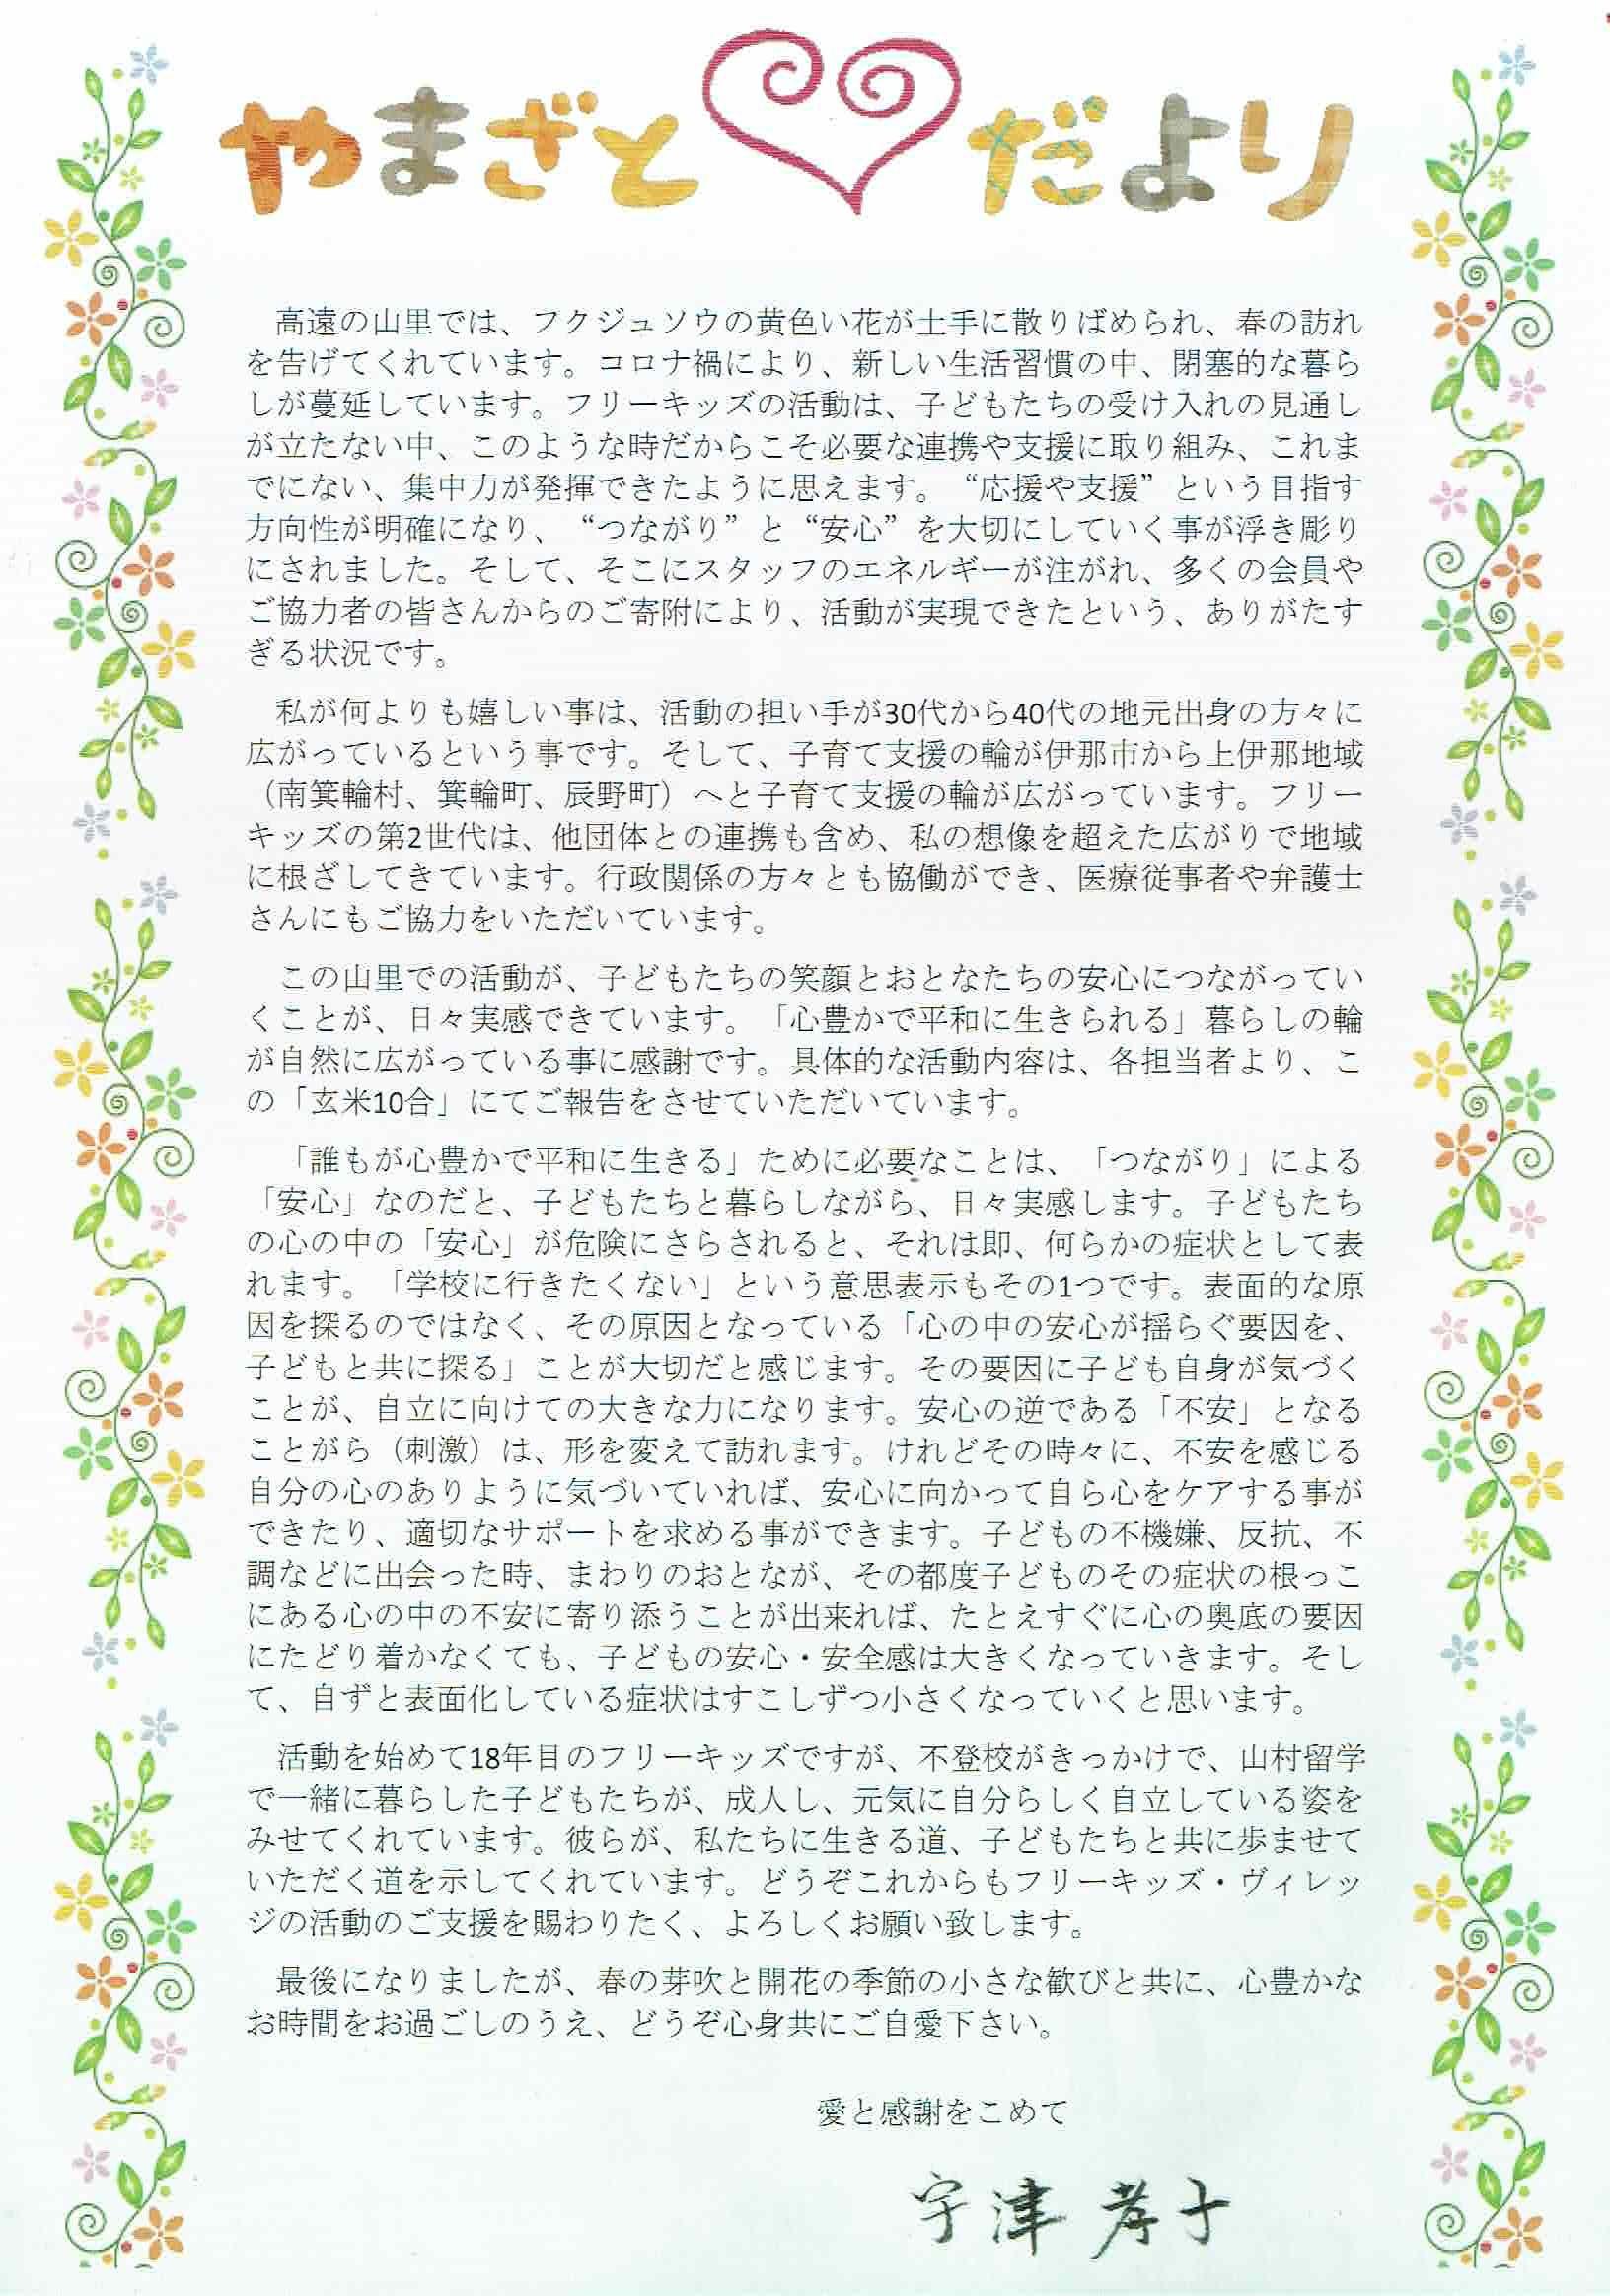 玄米10合 ニュースレター完成!_e0015223_14035121.jpg